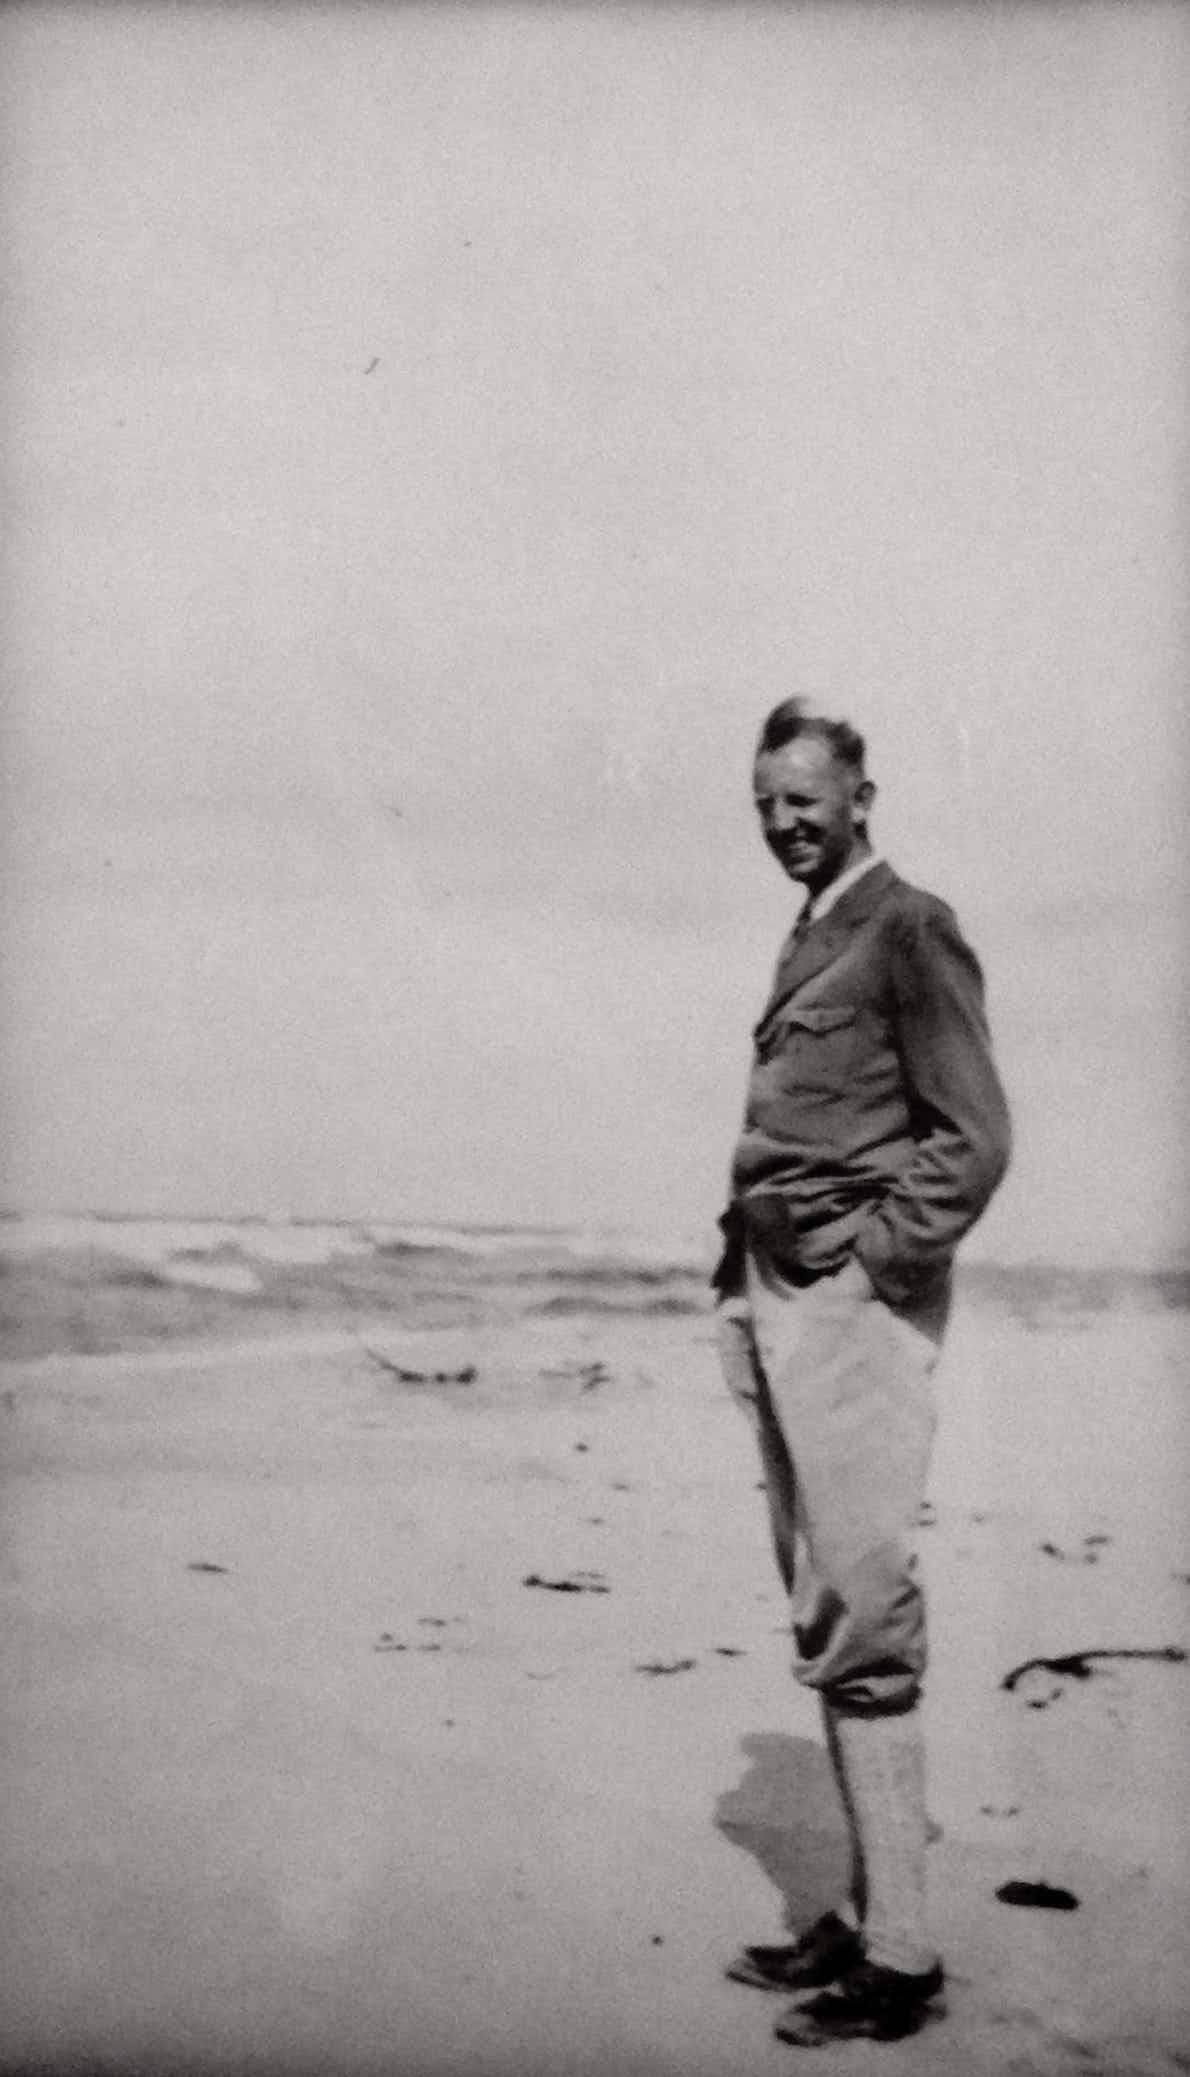 1 Fritz-Dietlof von der Schulenburg an der Ostsee, um 1940